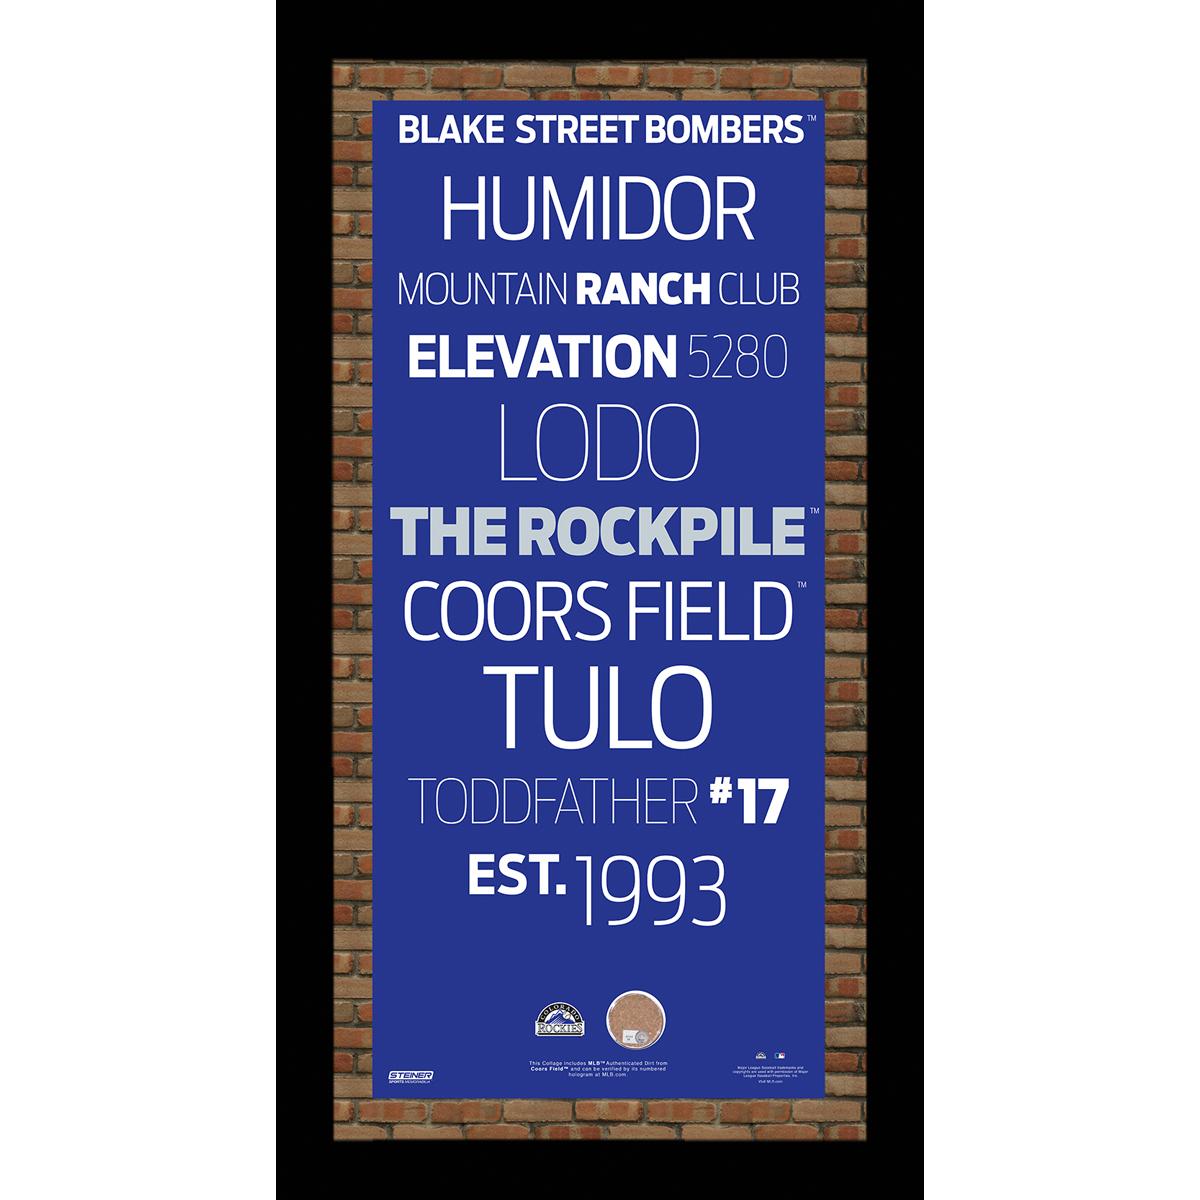 MLB Colorado Rockies Subway Sign 10x20 Framed Photo PartNumber: 080V003157356000P KsnValue: 3157356 MfgPartNumber: ROCKPHA009000